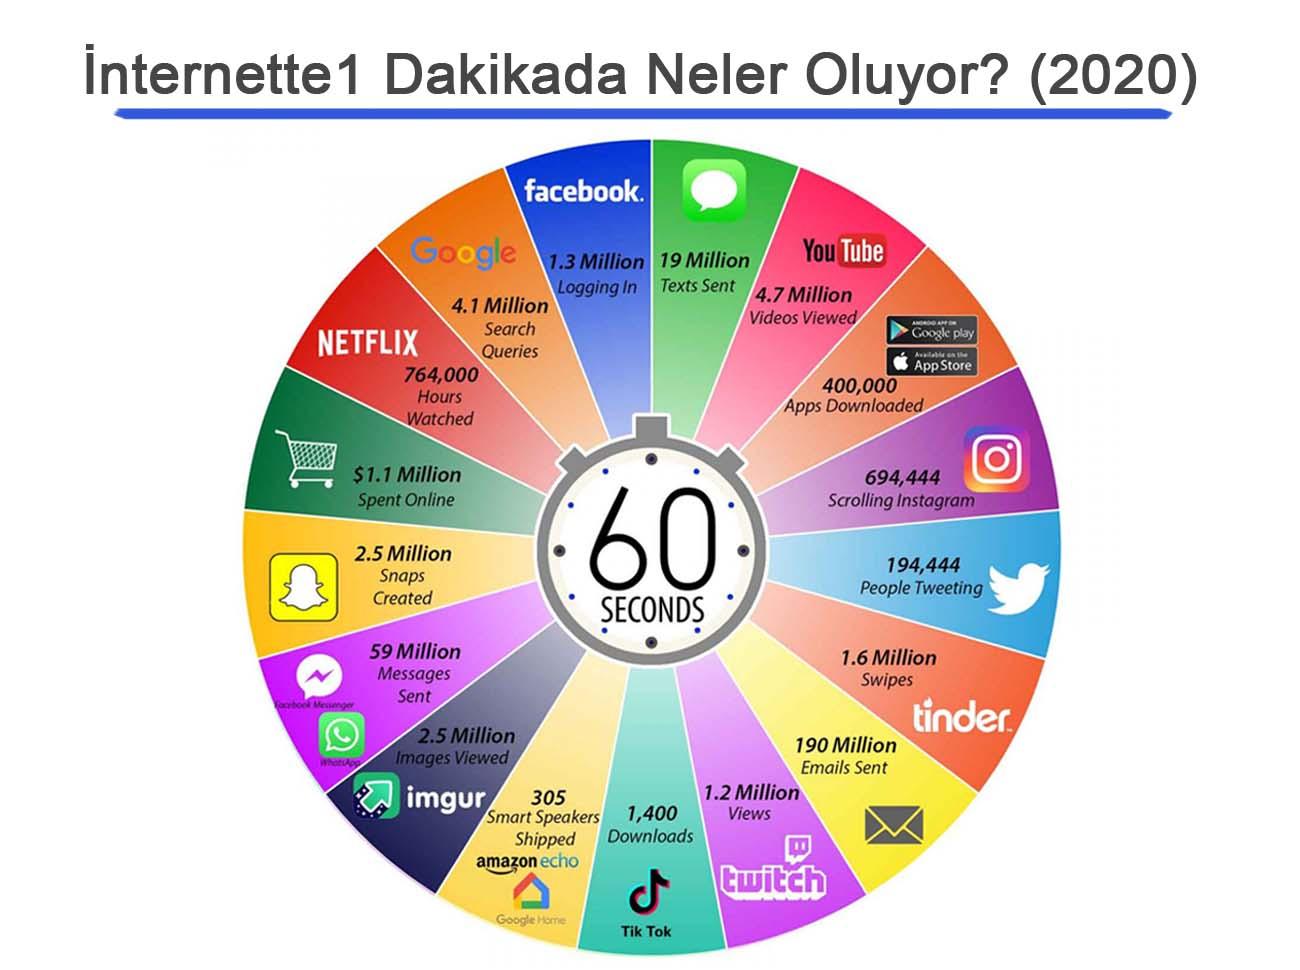 İnternette 1 Dakikada Neler Oluyor? (2020)